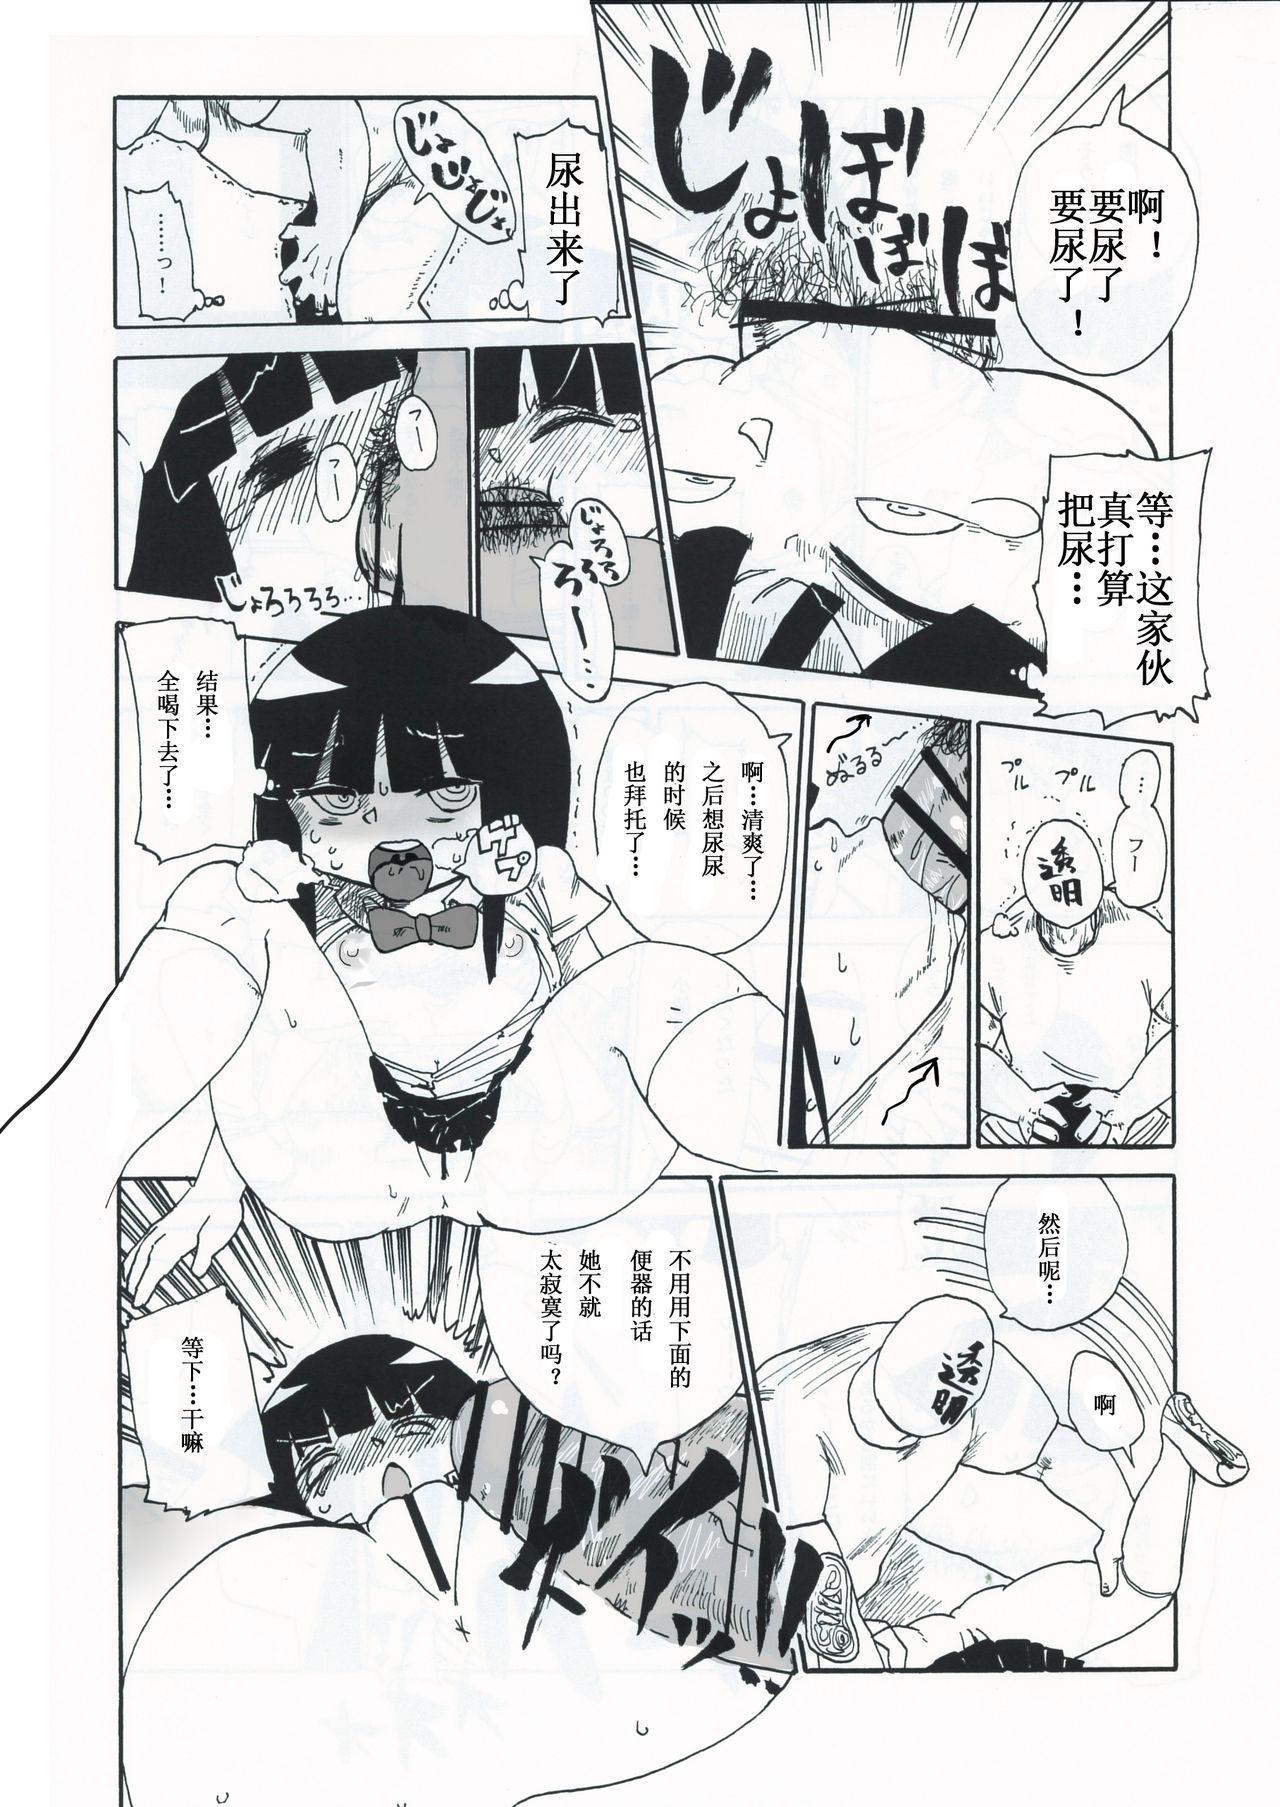 Kiki Kaikai! | 奇奇怪怪 15